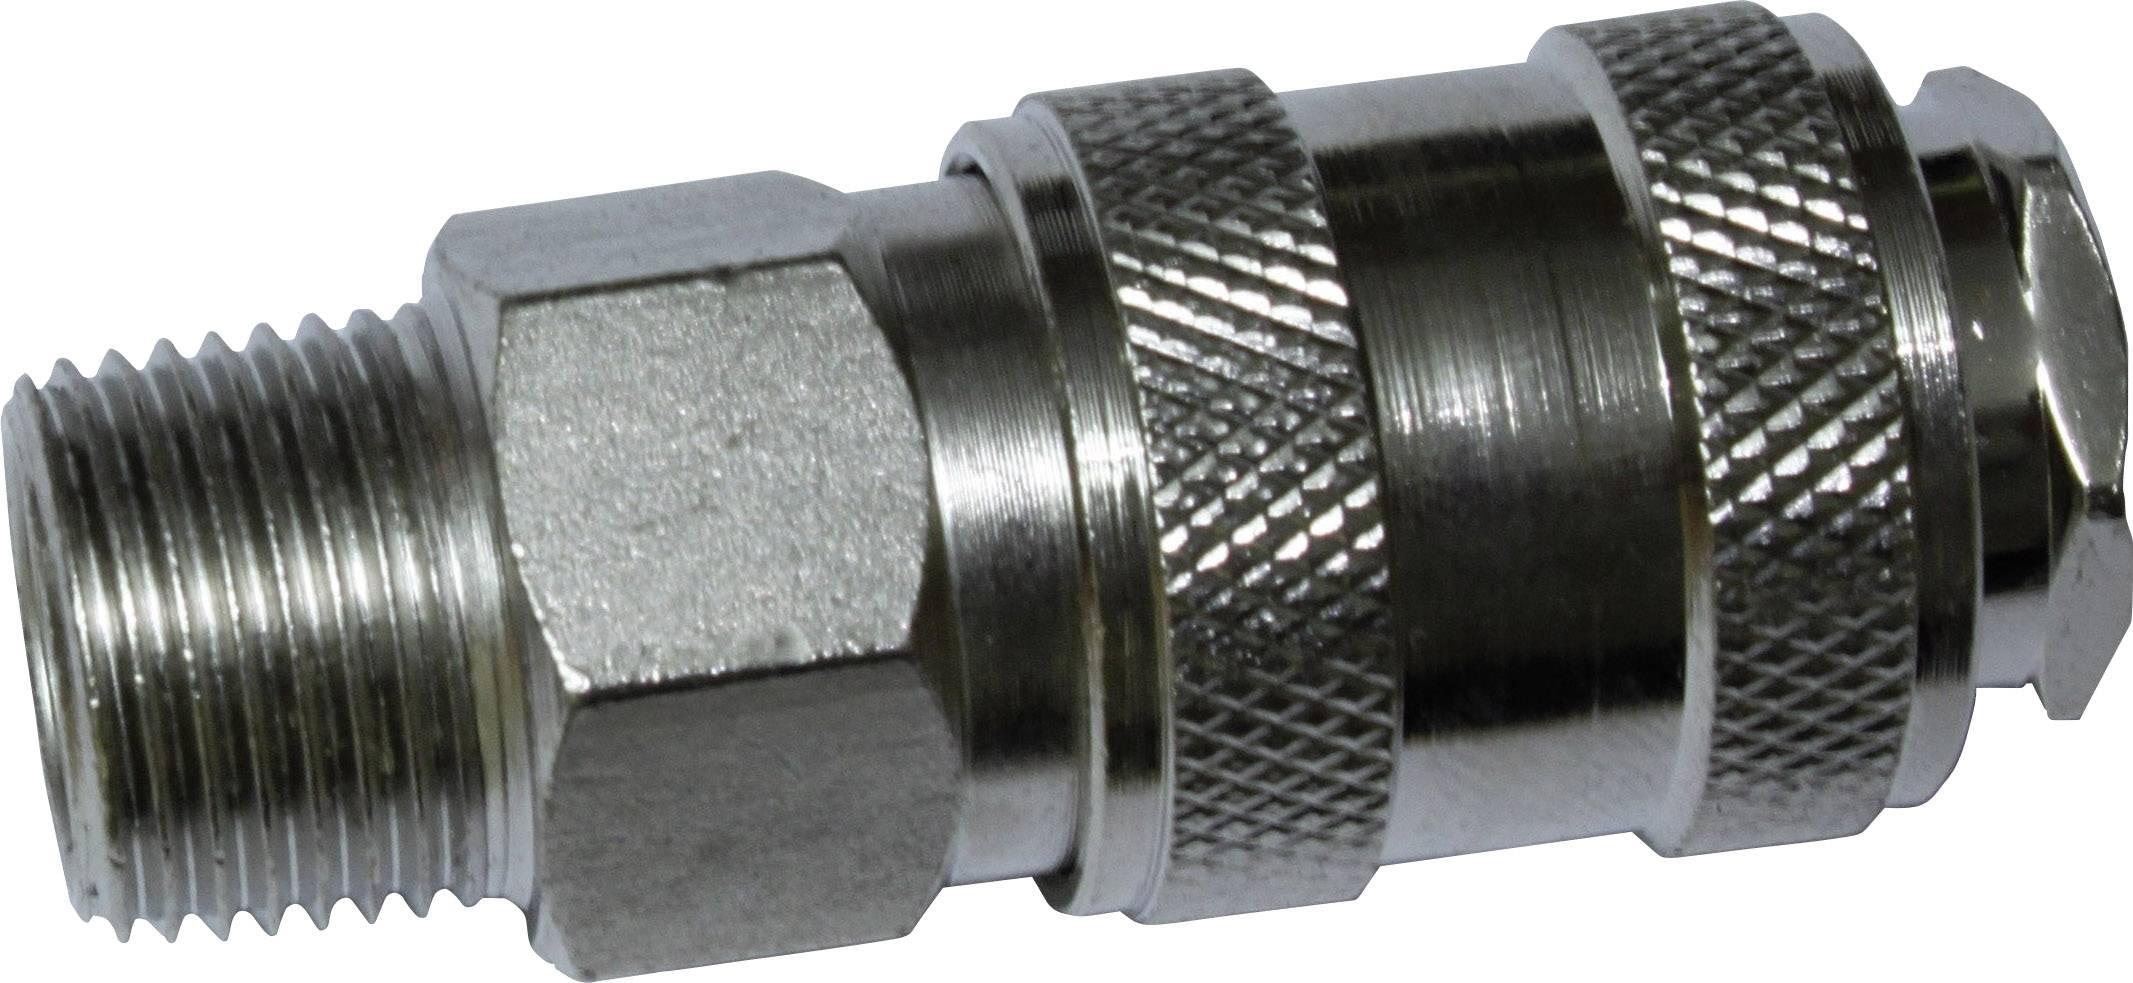 Set Druckluft Kupplung Stecker LW 13 mm Schlaucht/ülle